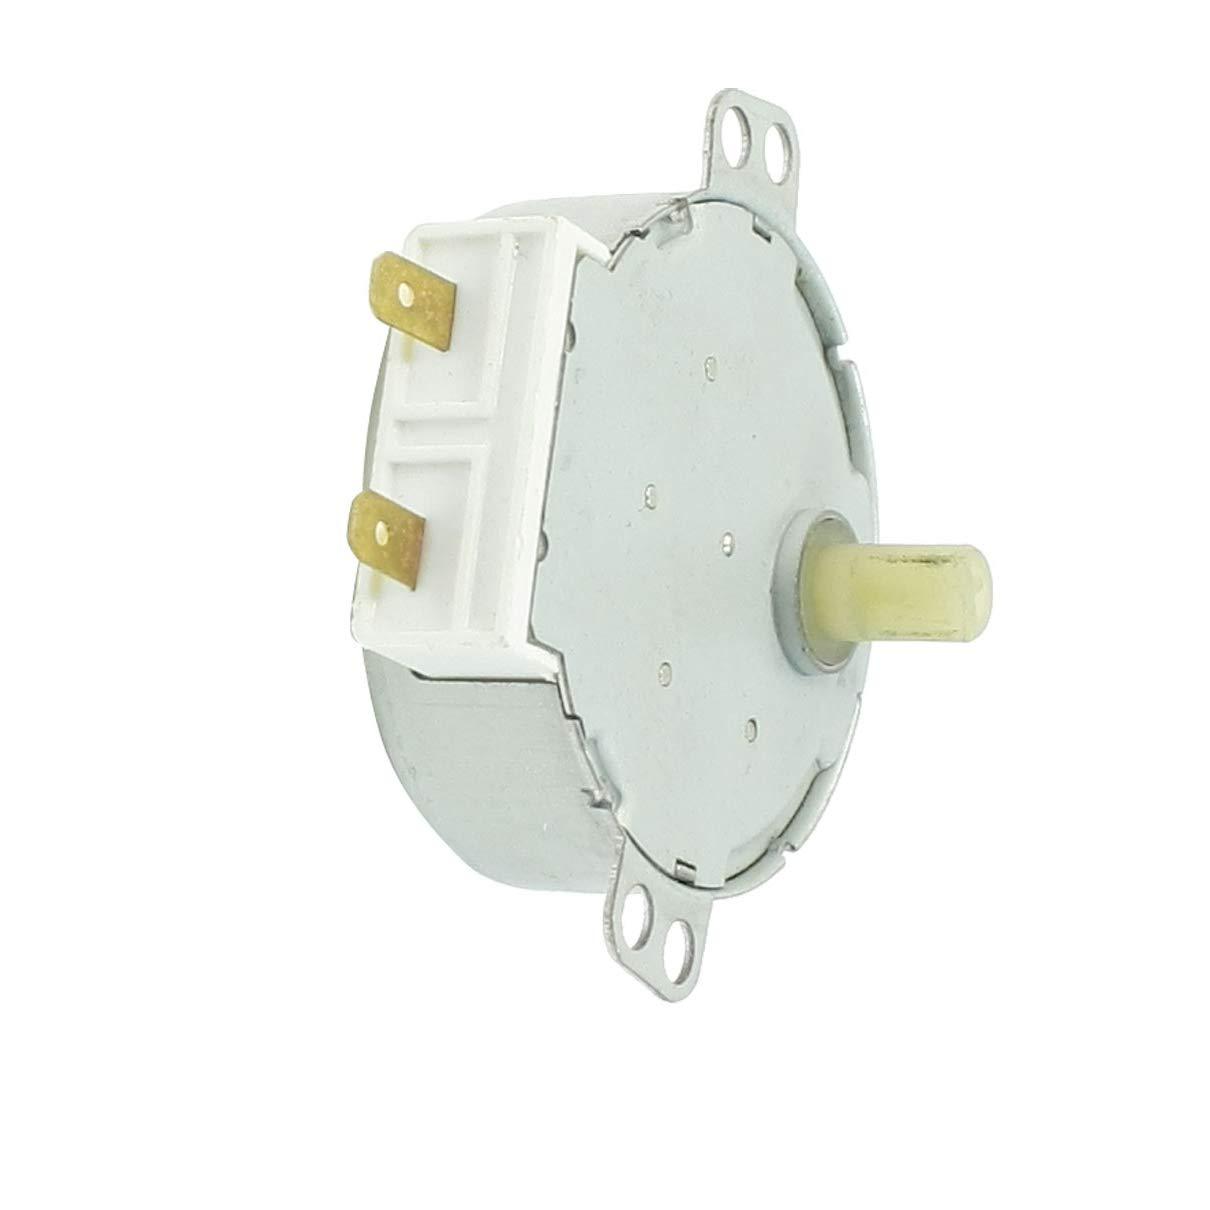 Aexit CW / CCW 3.5 / 4W Horno de microondas Placa giratoria (model ...